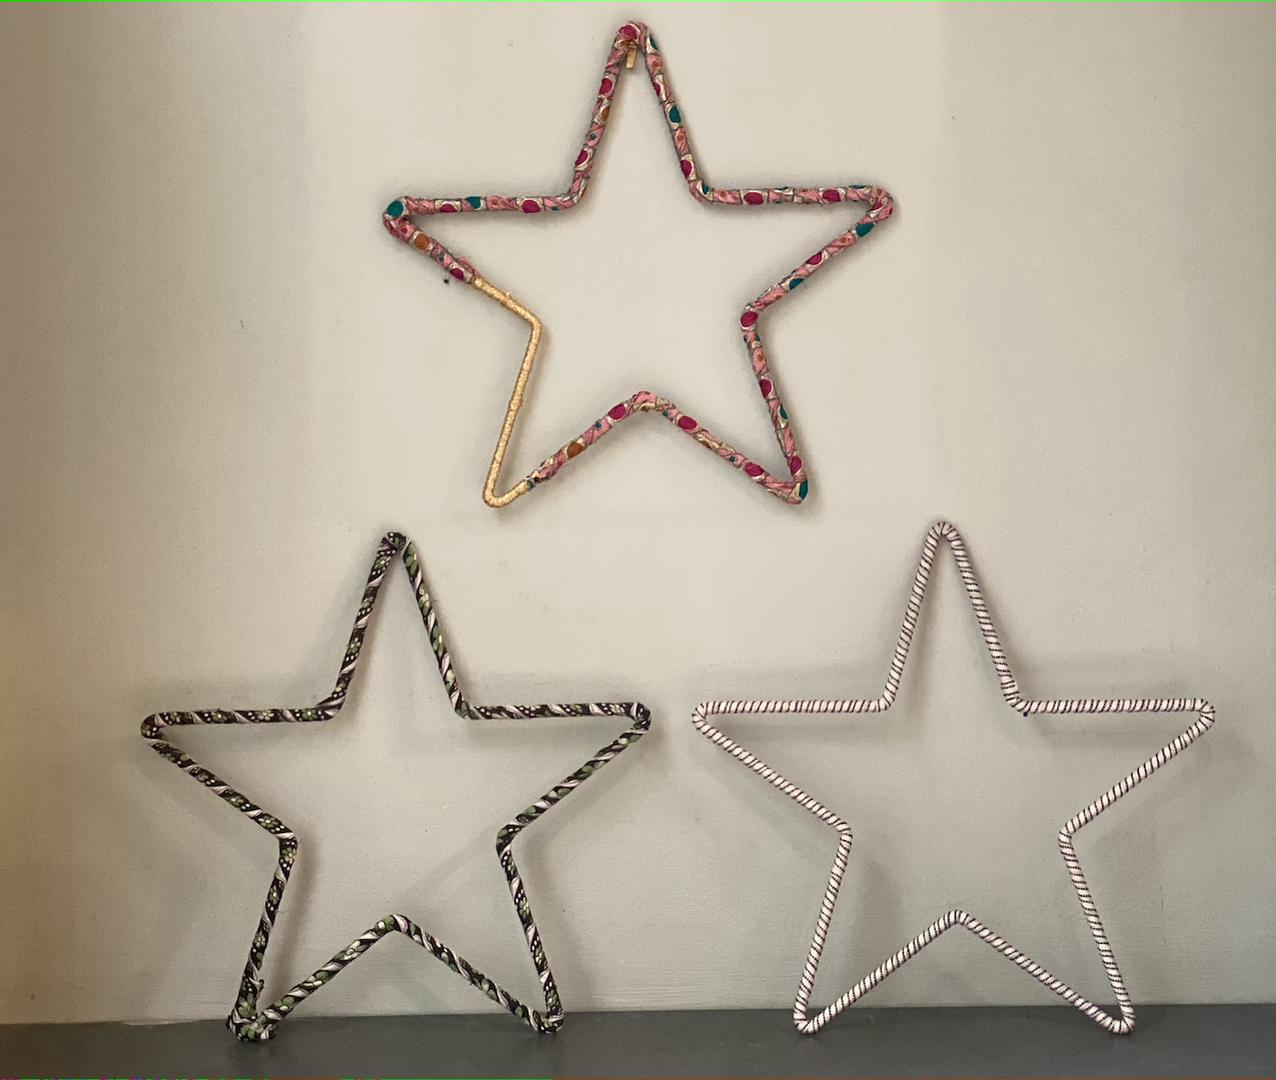 Metal stars for display